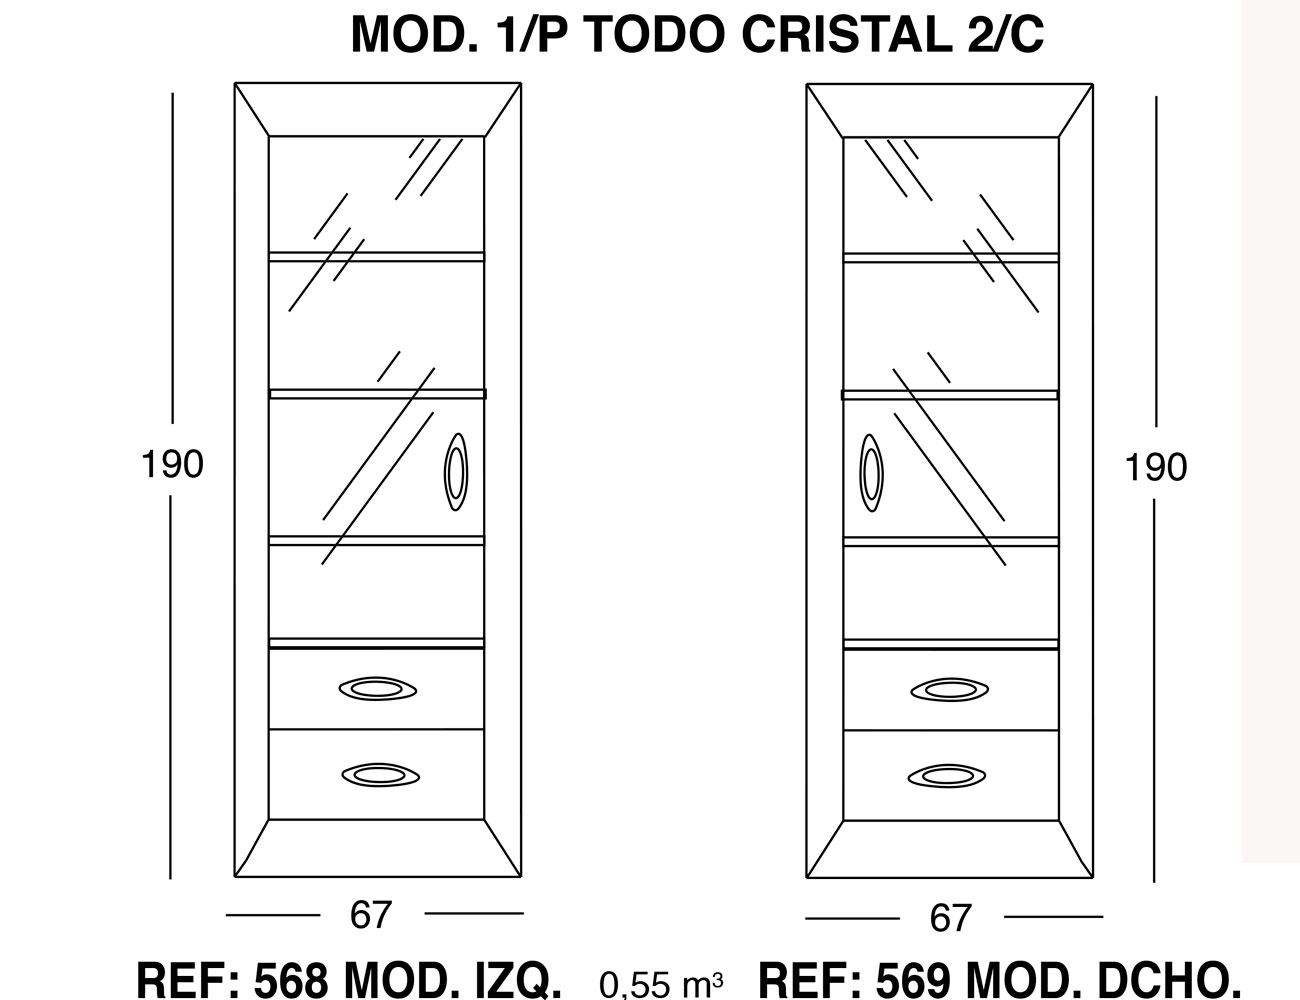 Modulo 1 puerta todo cristal 2 cajones1